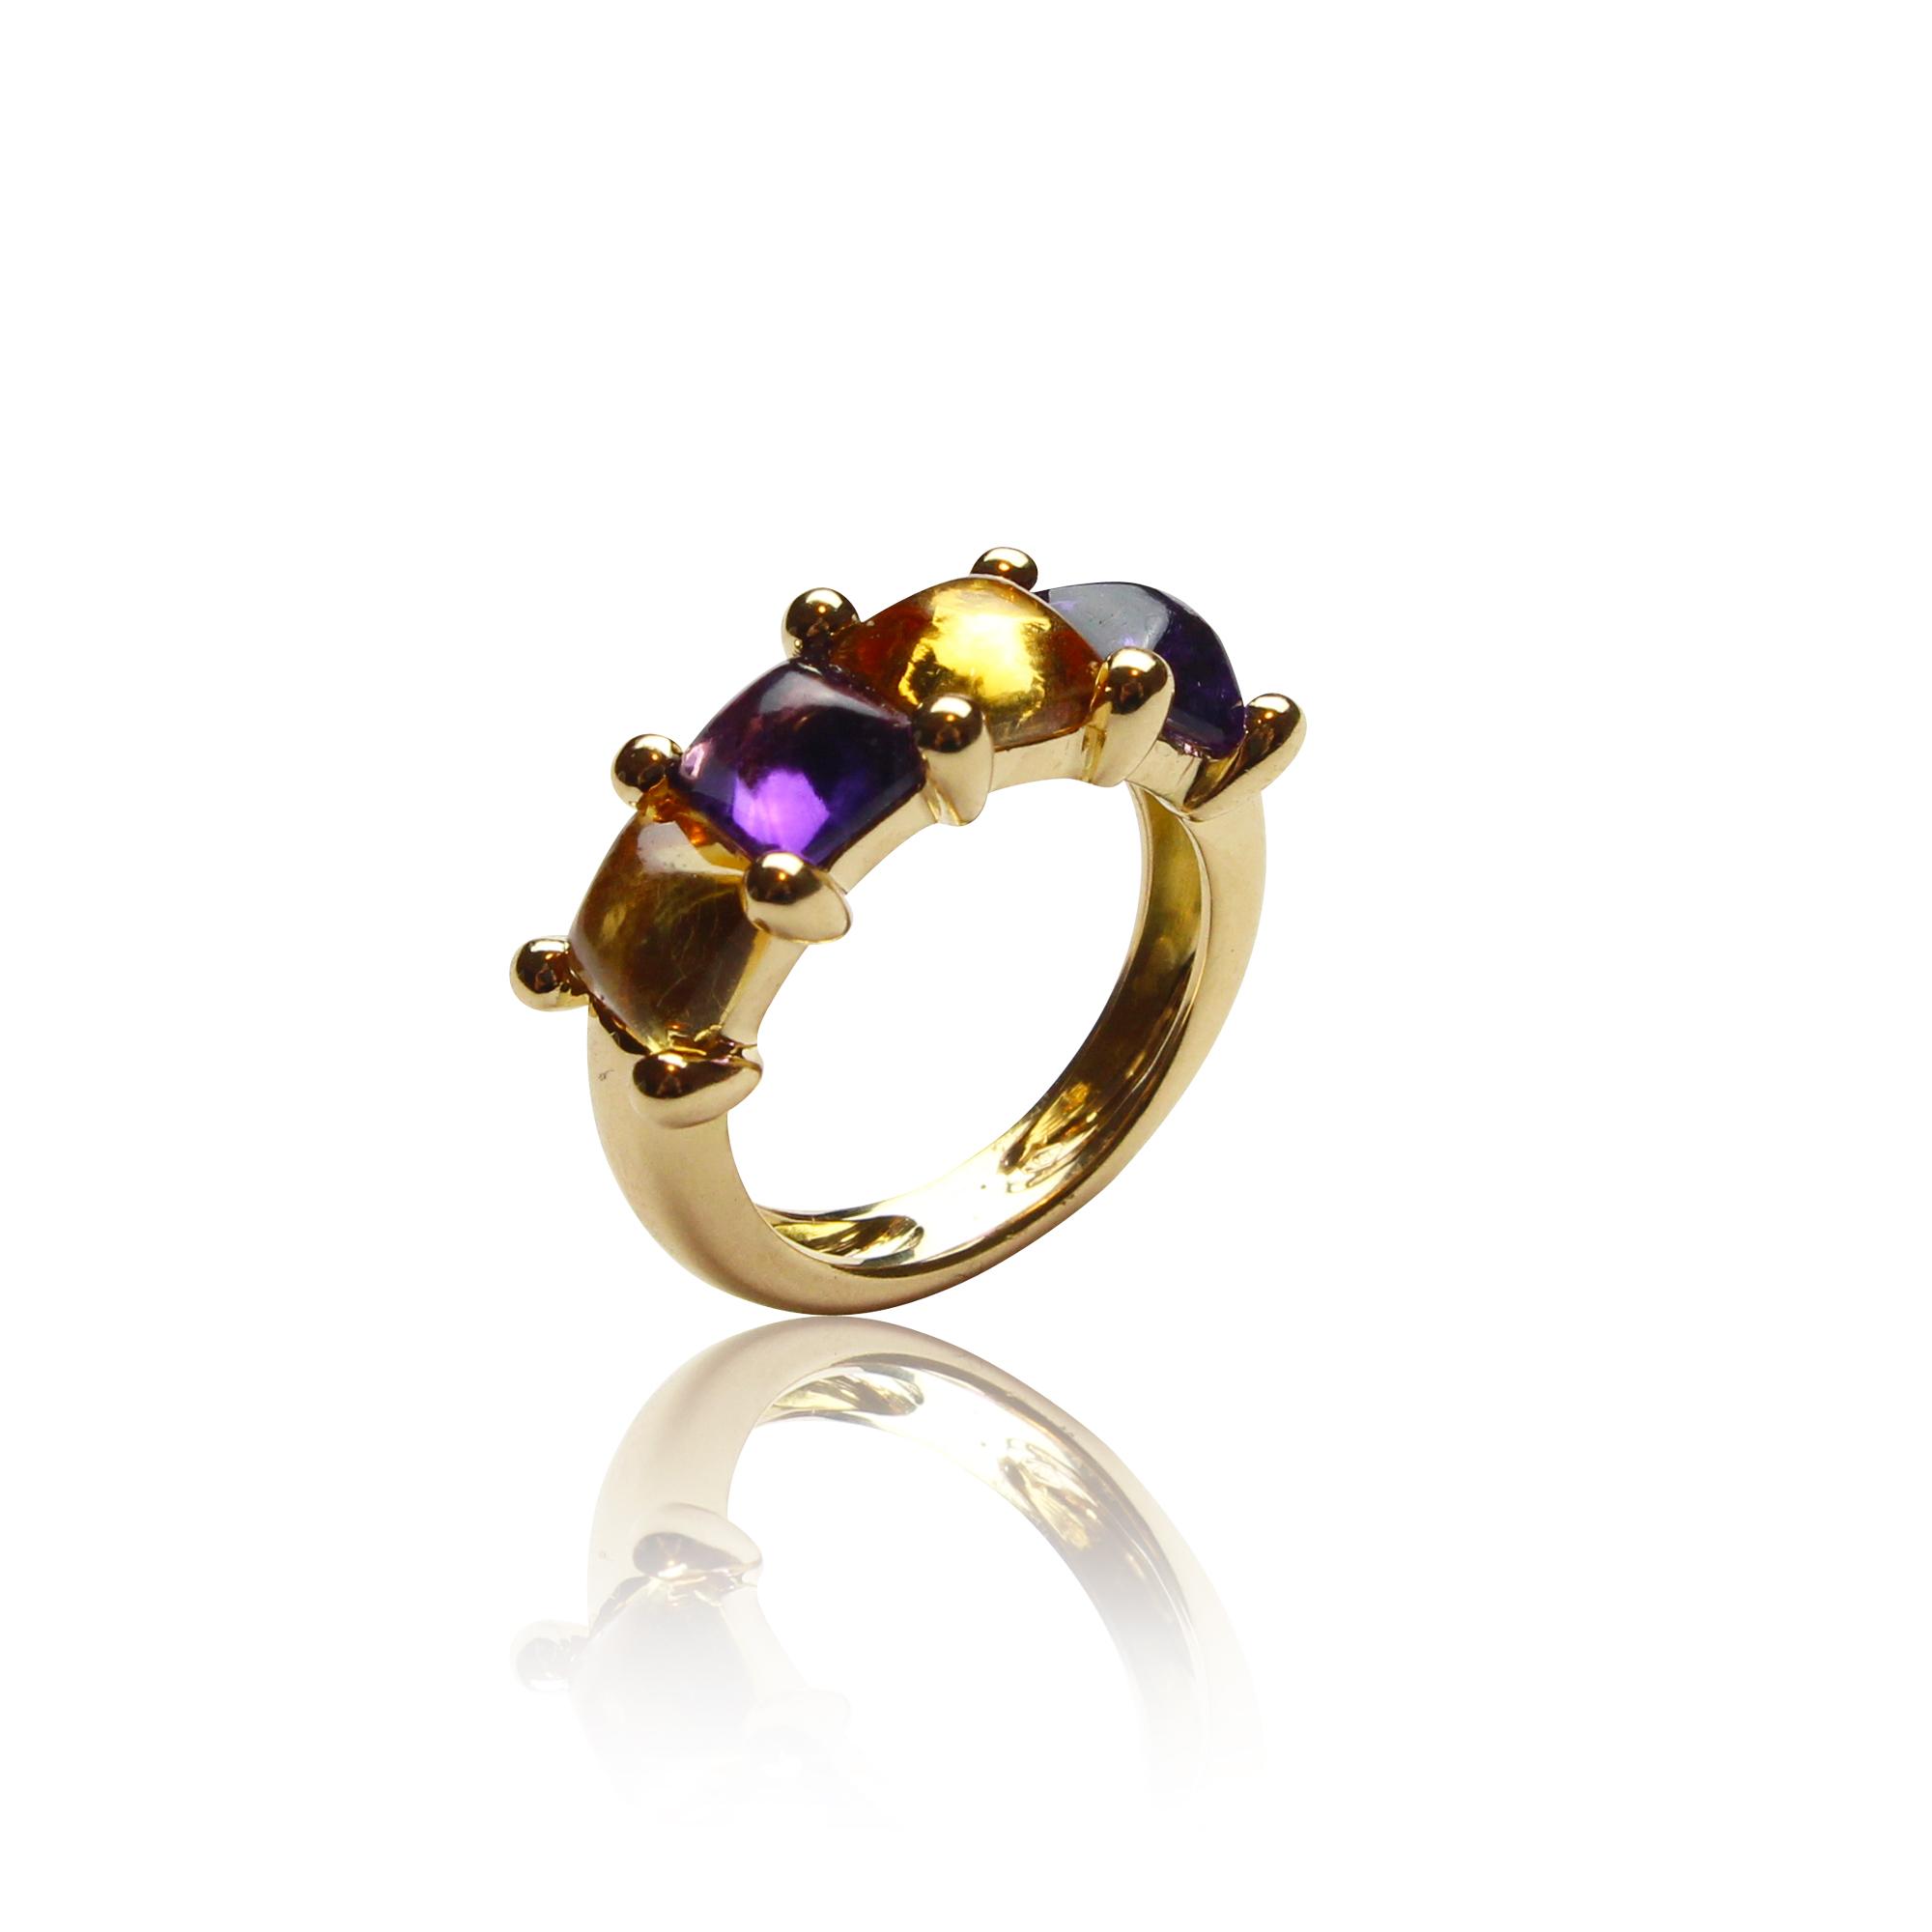 pierścionek paradiso 1202 ametyst ,cytryn z żółtego złota 18 karatowego z ametystem i cytrynem